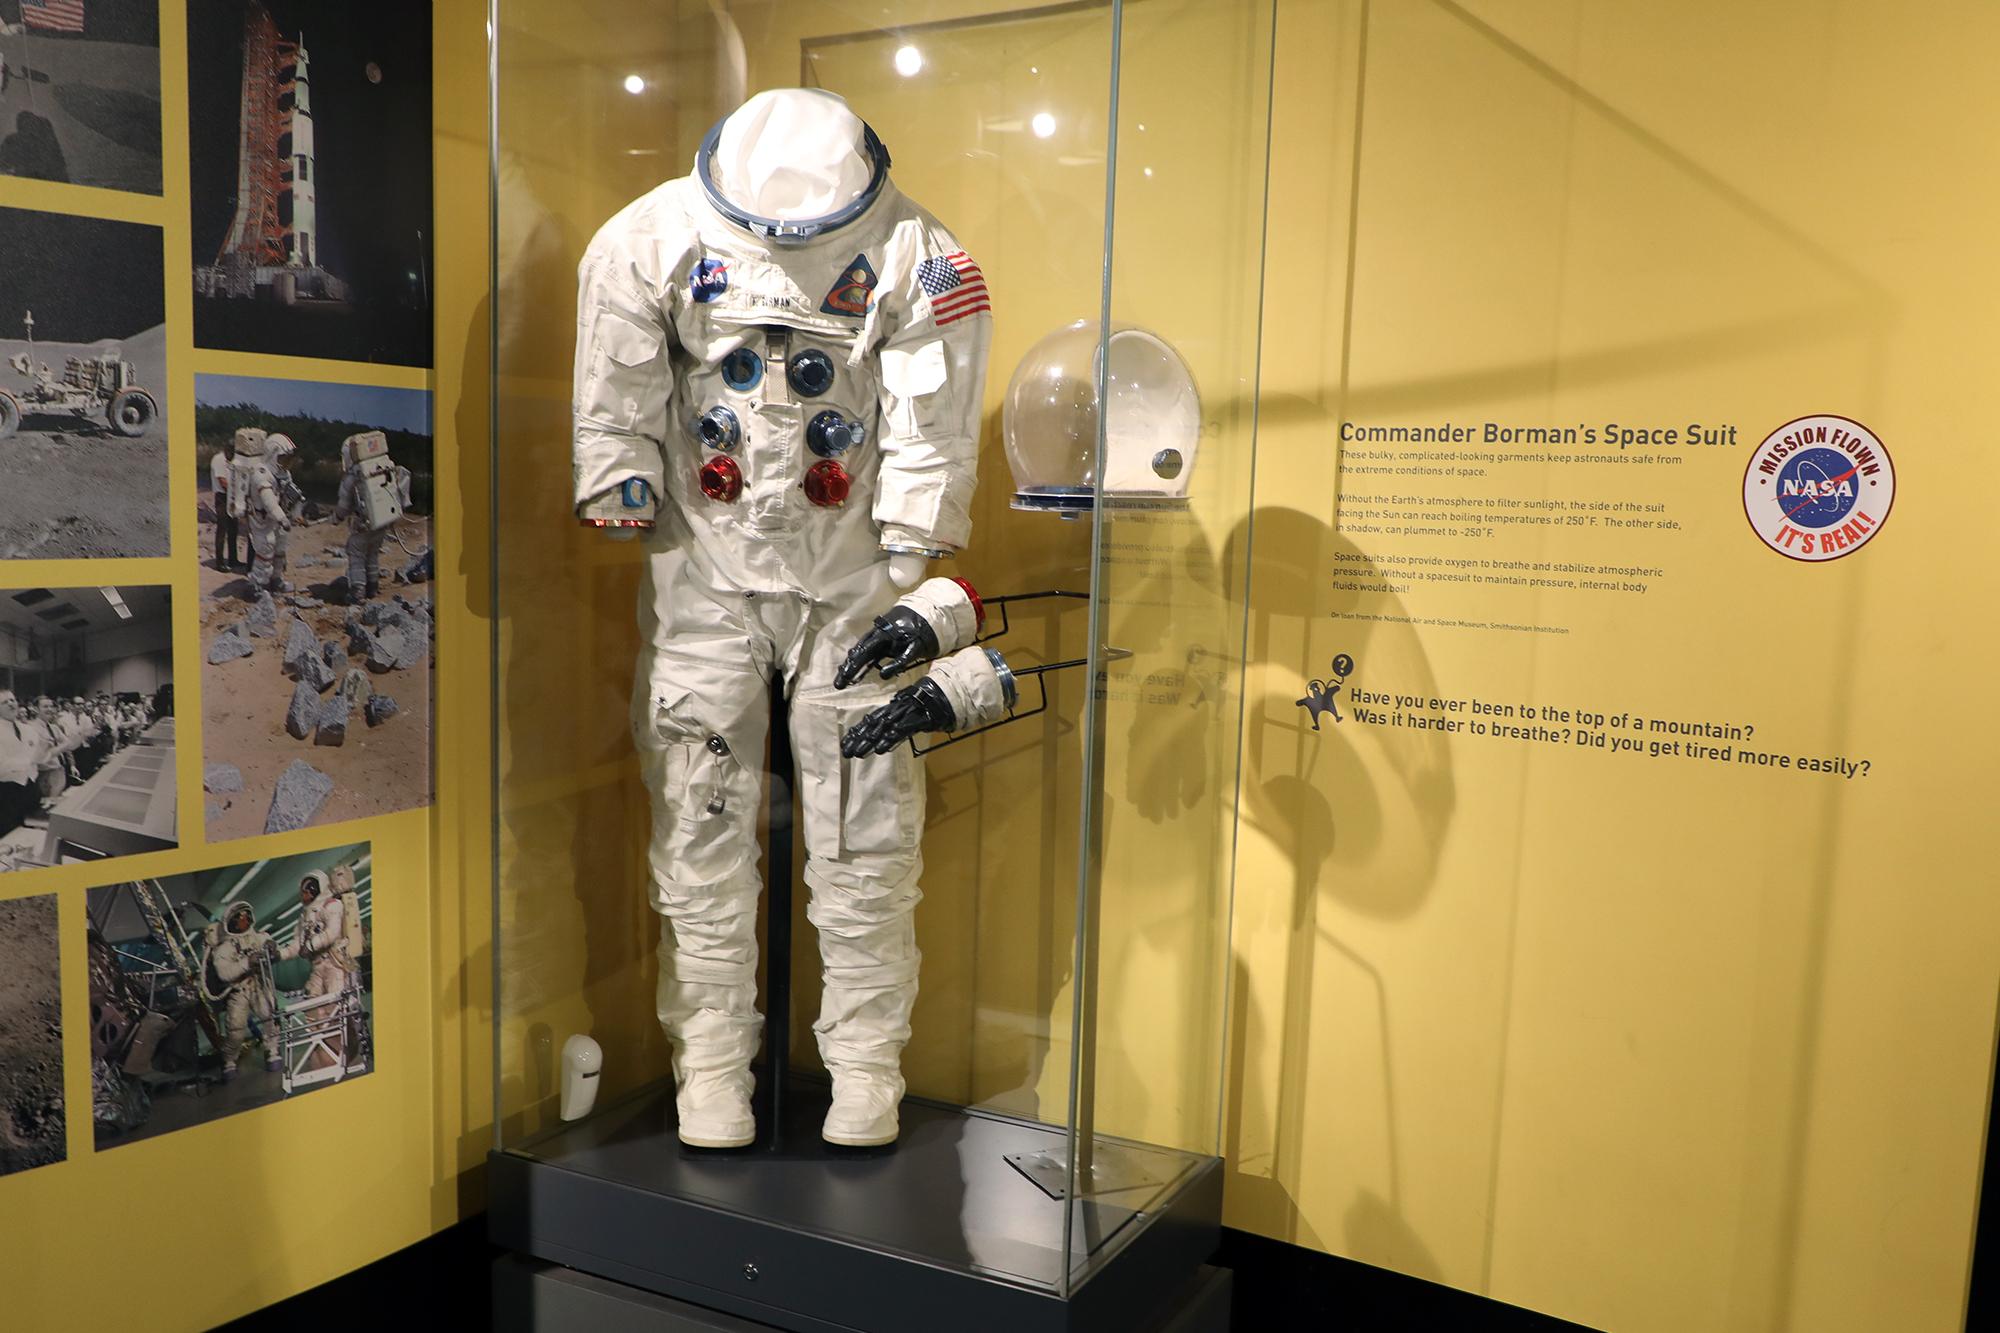 Cmdr. Frank Borman's space suit. (Arionne Nettles/WBEZ)